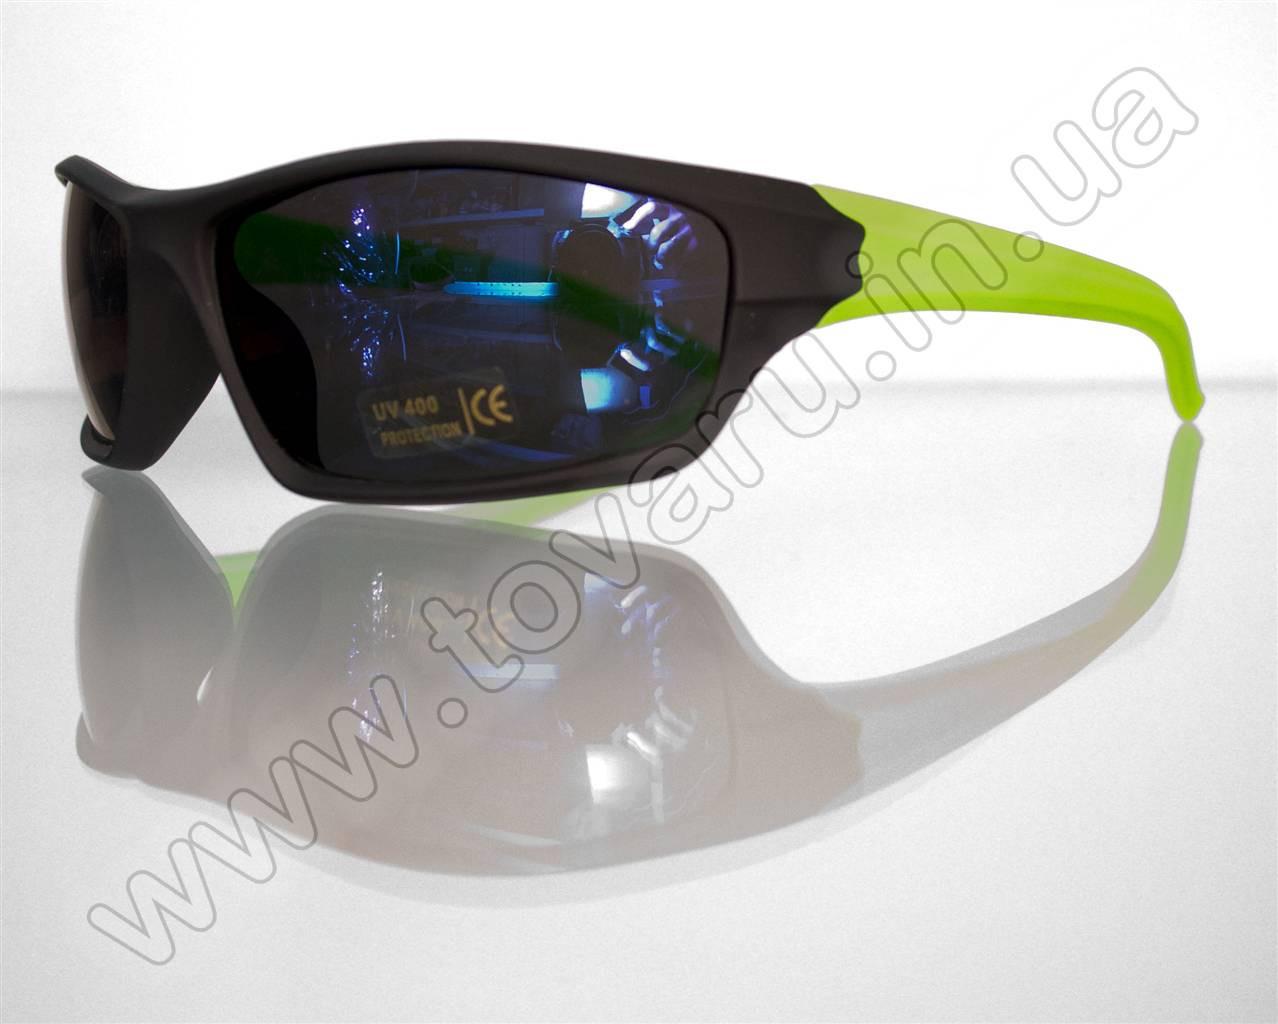 Очки мужские солнцезащитные спортивные - Черно-салатовые - T85